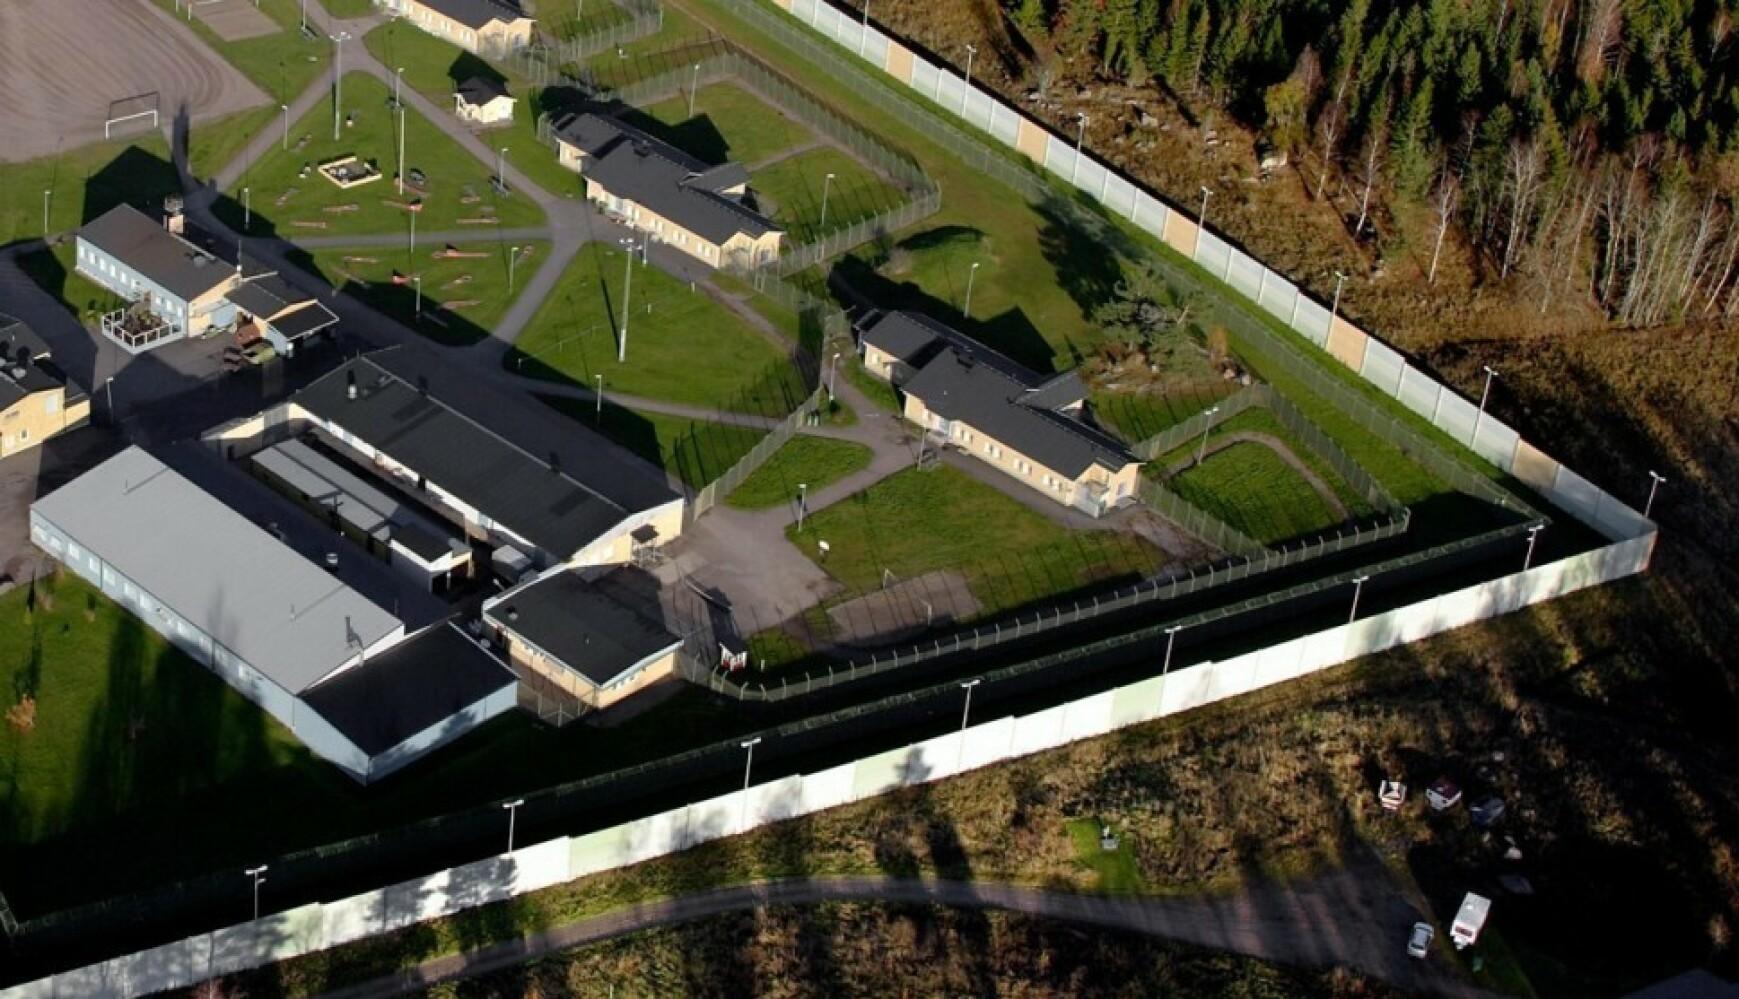 GISSELDRAMA: To innsatte har tatt to av de ansatte som gisler i fengselet Hällby utenfor Eskilstuna i Sverige. Foto: Expressen.